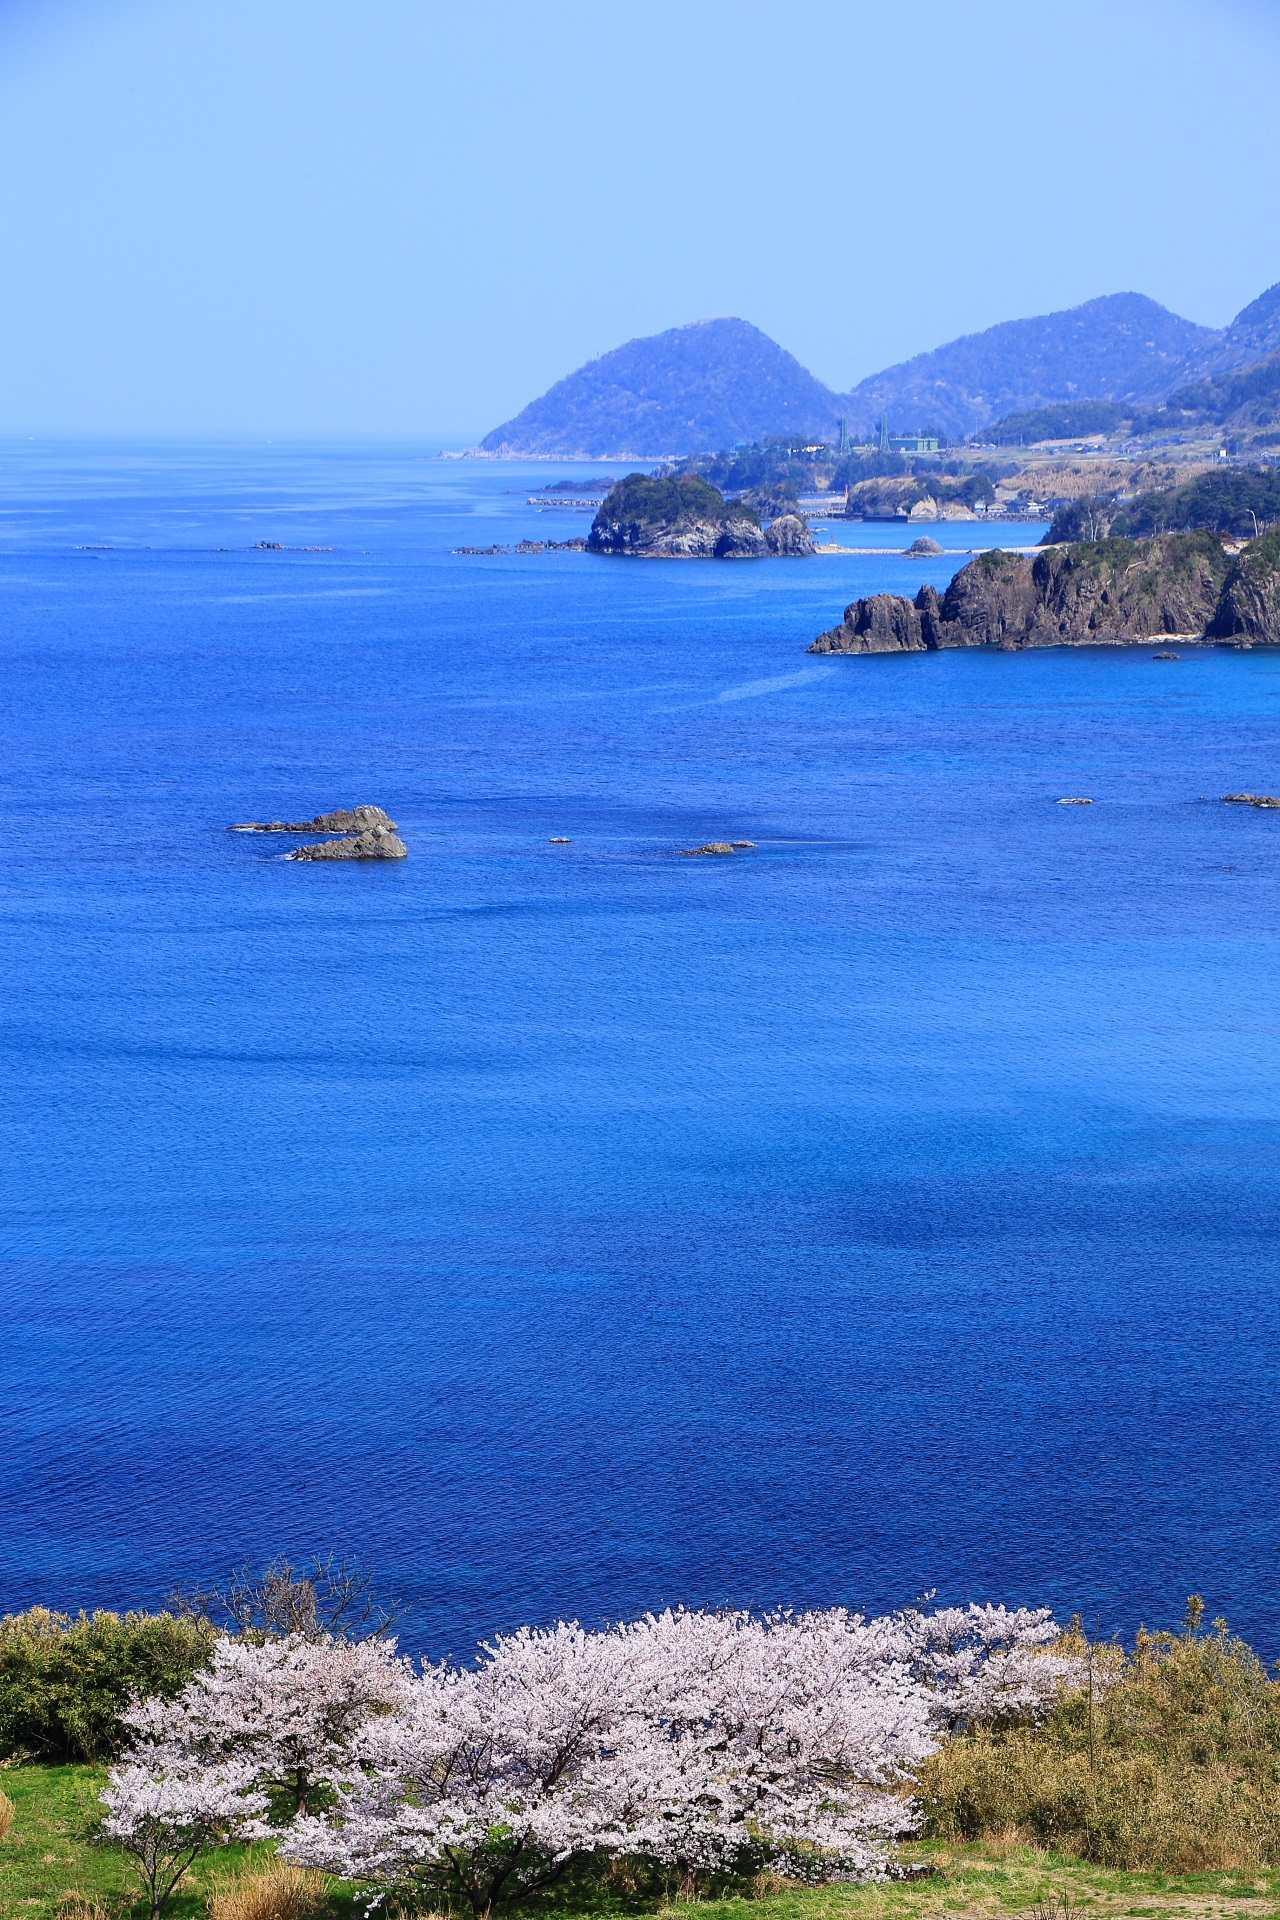 丹後松島の見事な青い海と桜の絶景